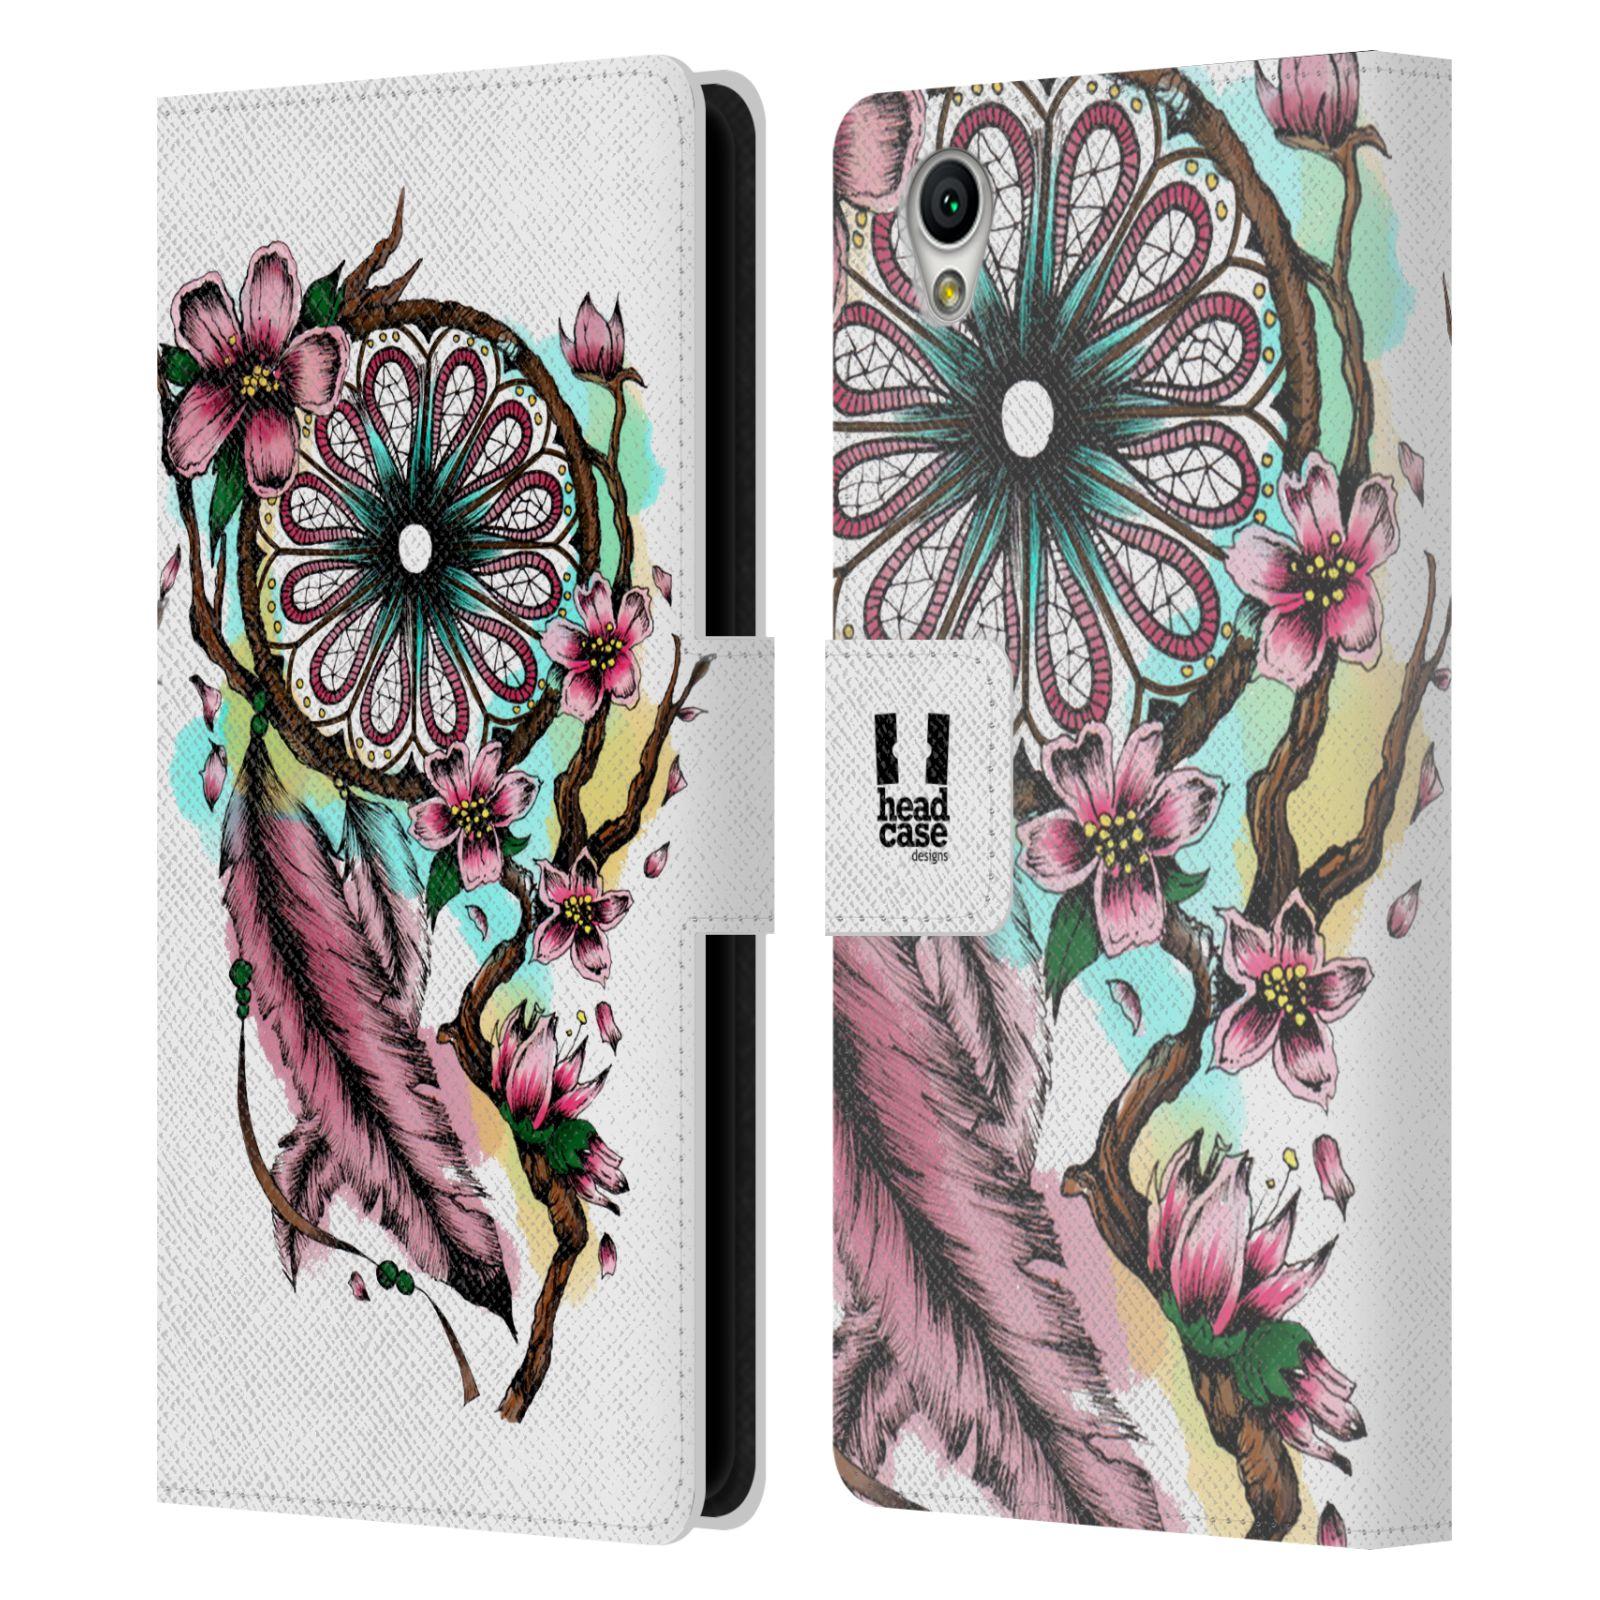 Pouzdro na mobil Sony Xperia L1 - Head Case - Lapač snů květy fialová